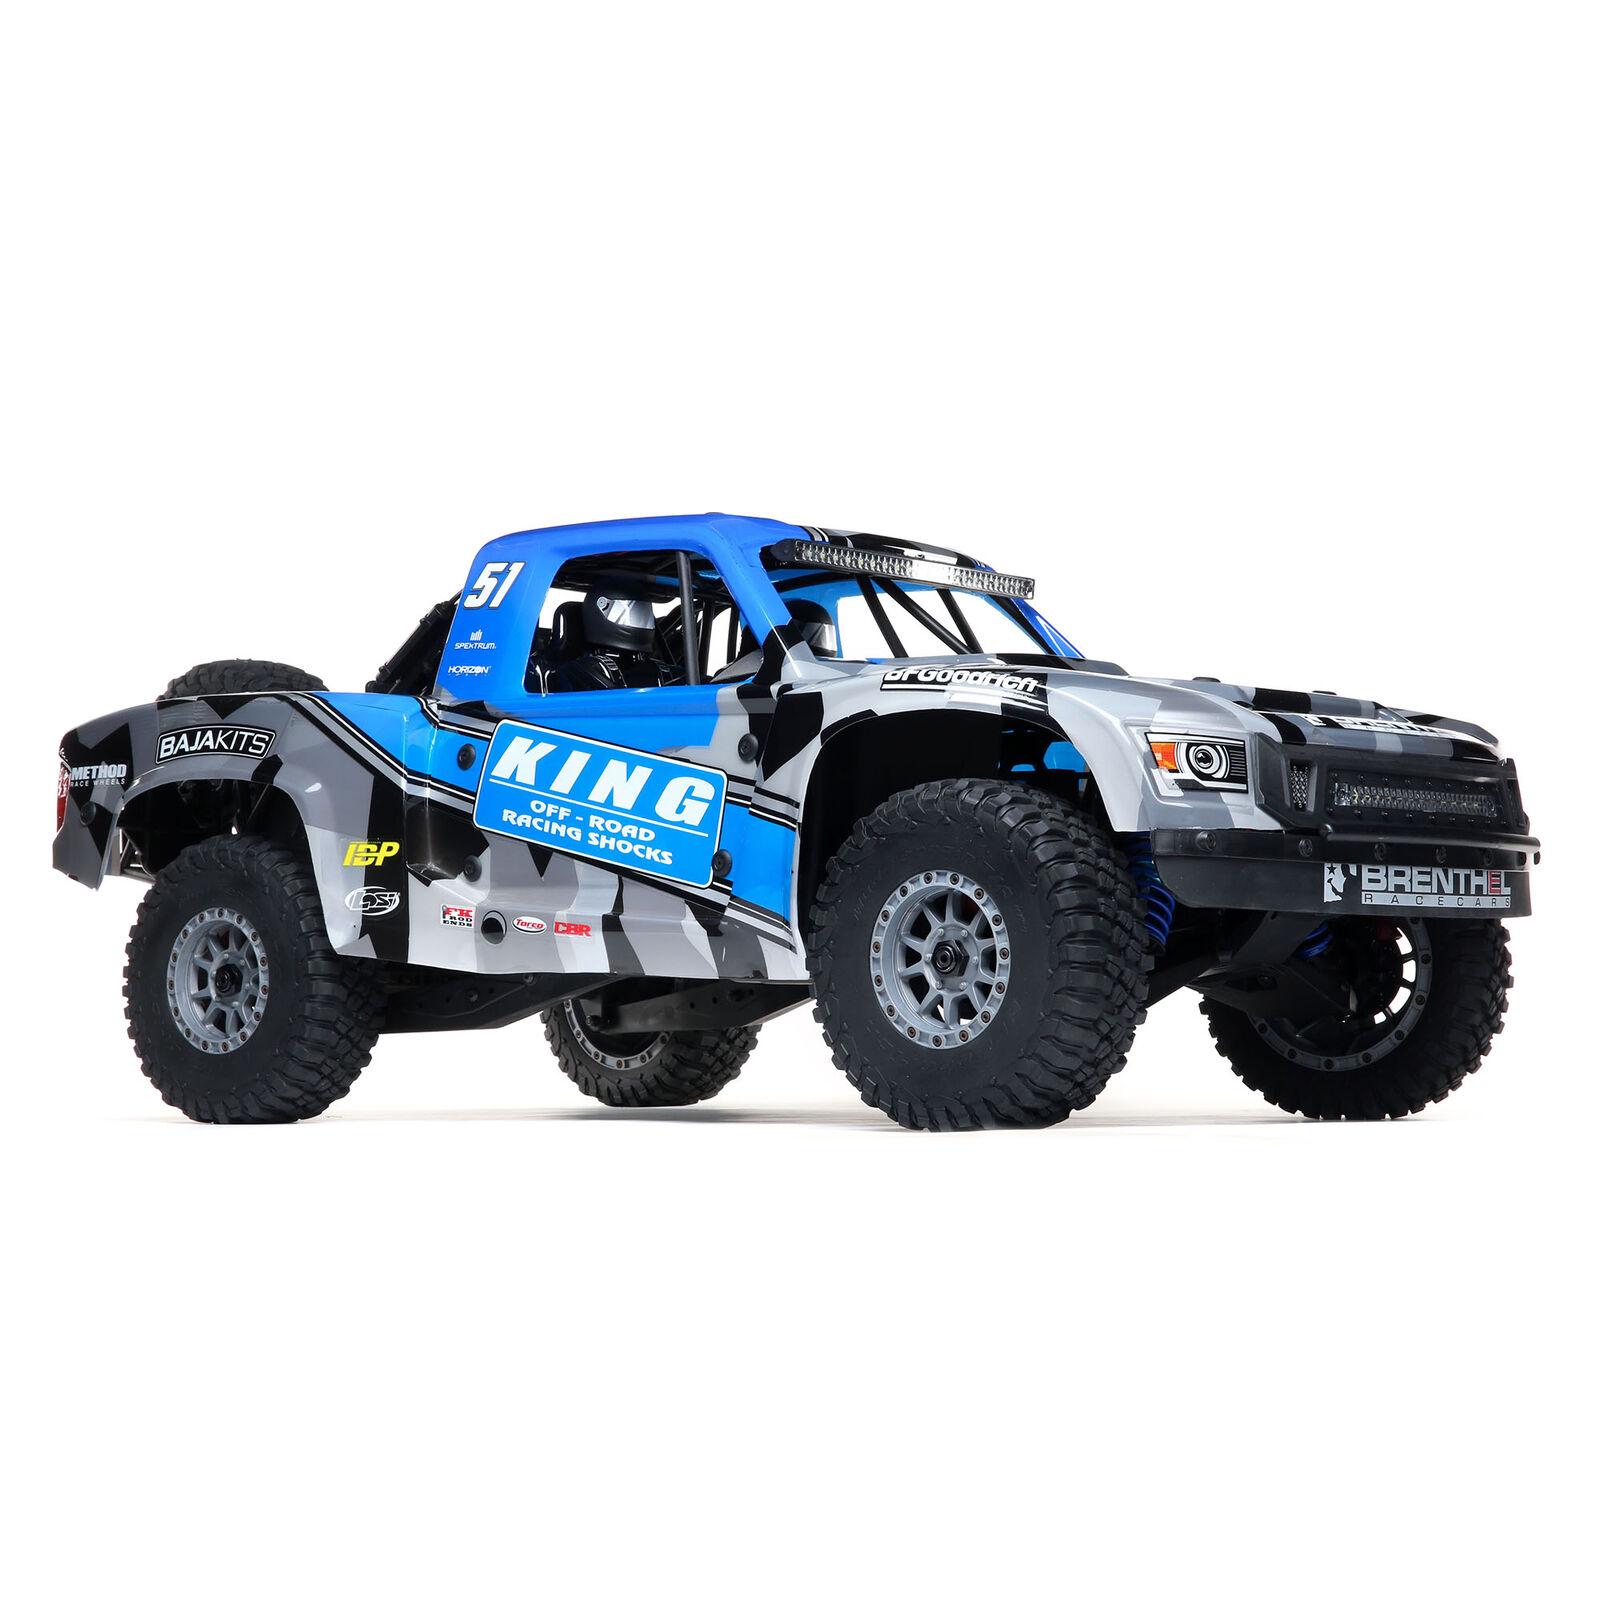 1/6 Super Baja Rey 2.0 4WD Brushless Desert Truck RTR